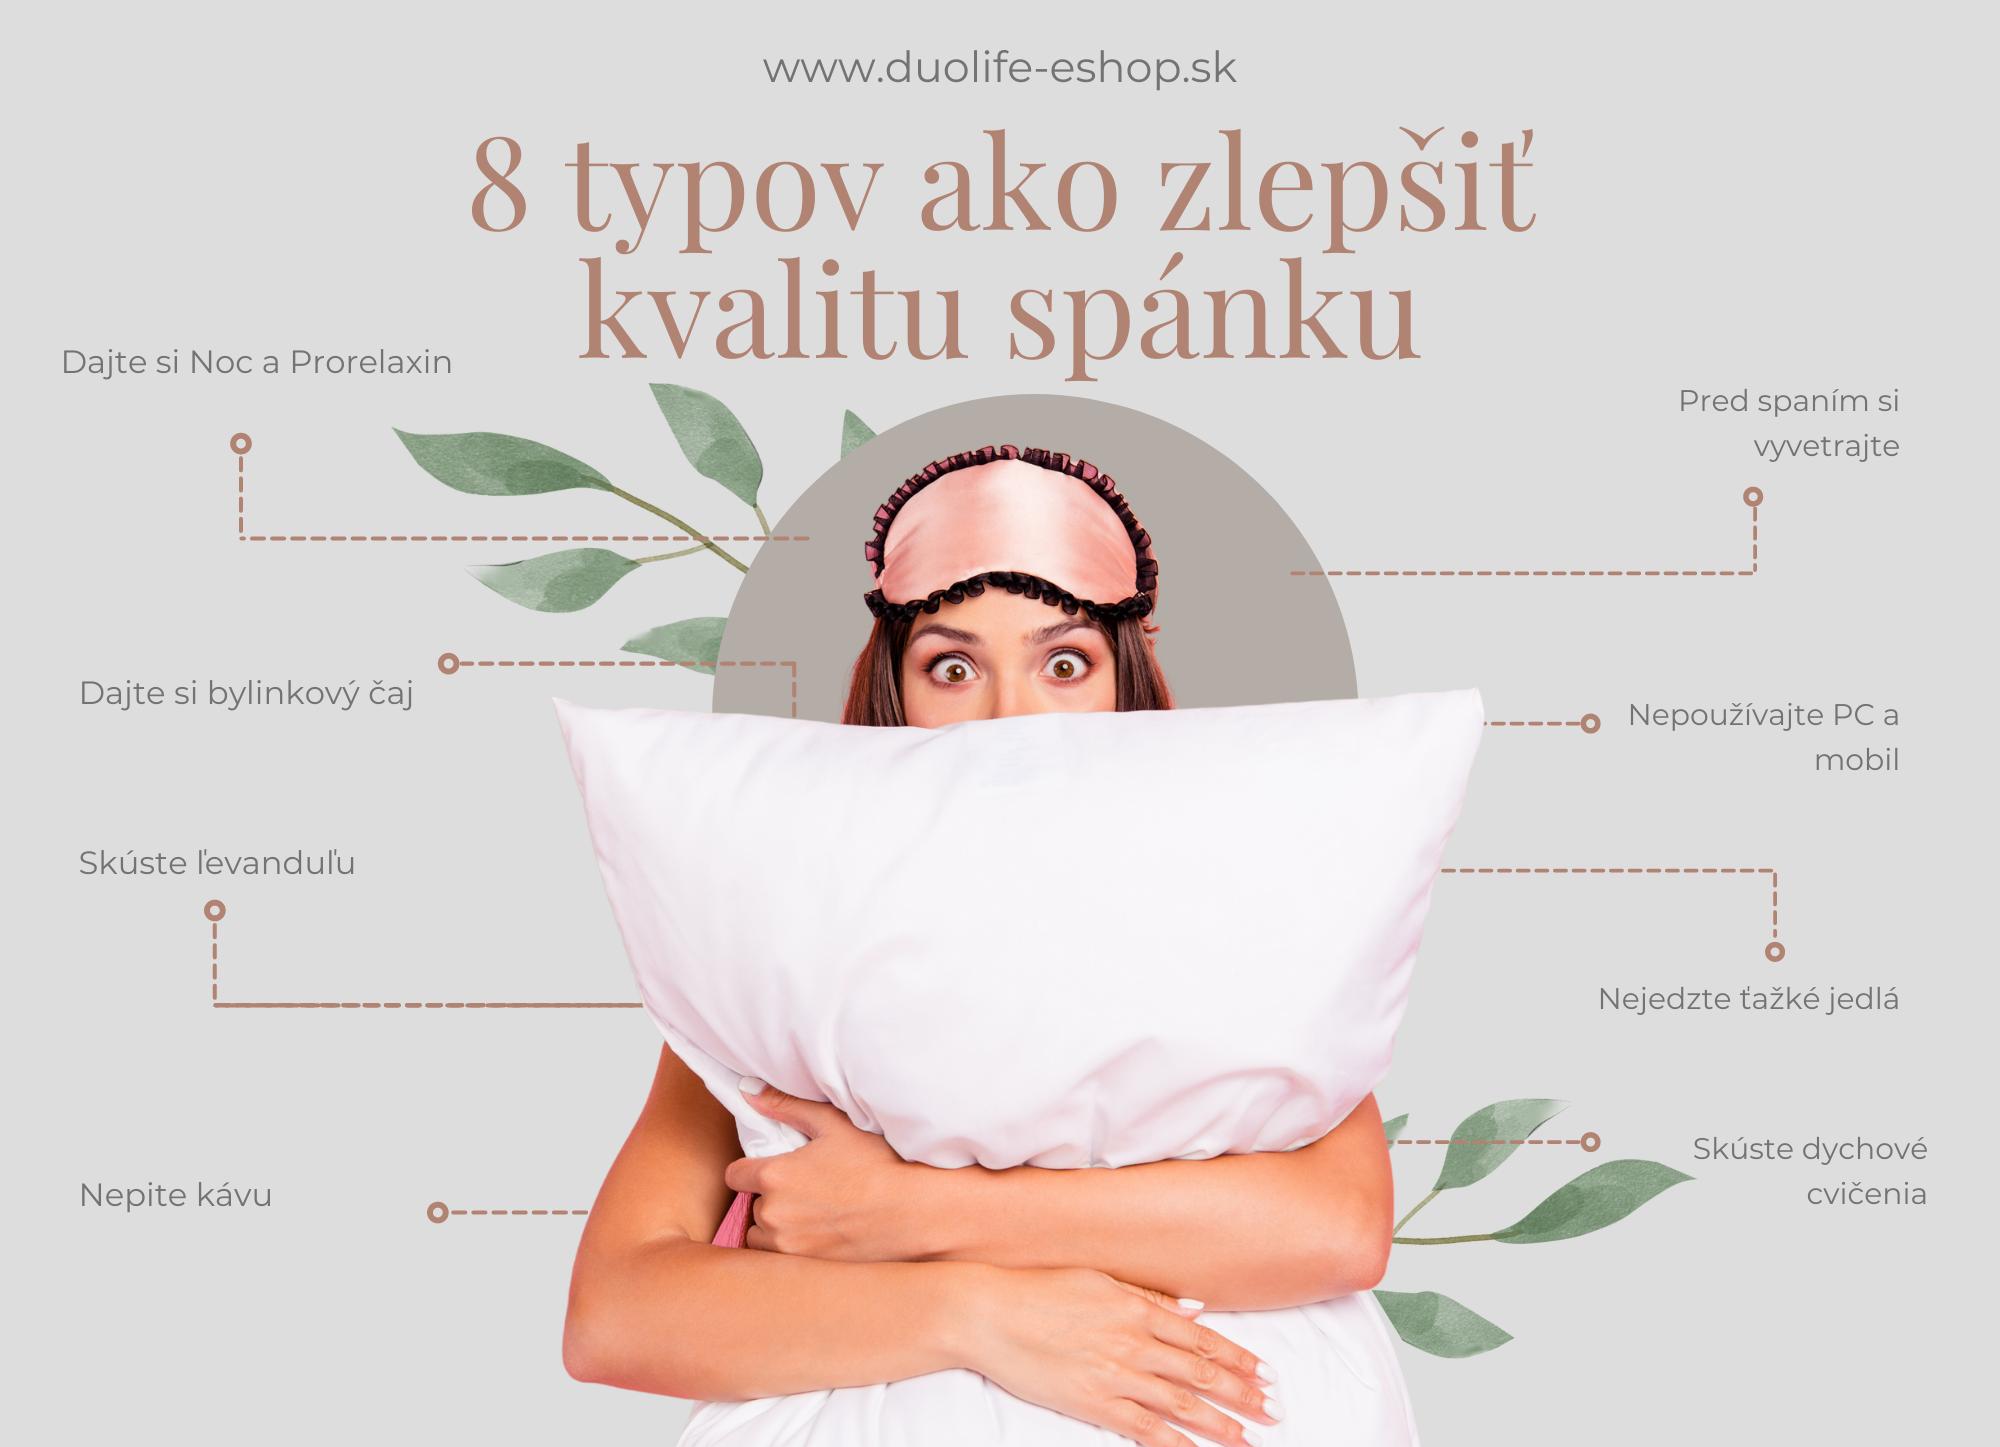 8 typov ako zlepšiť kvalitu spánku